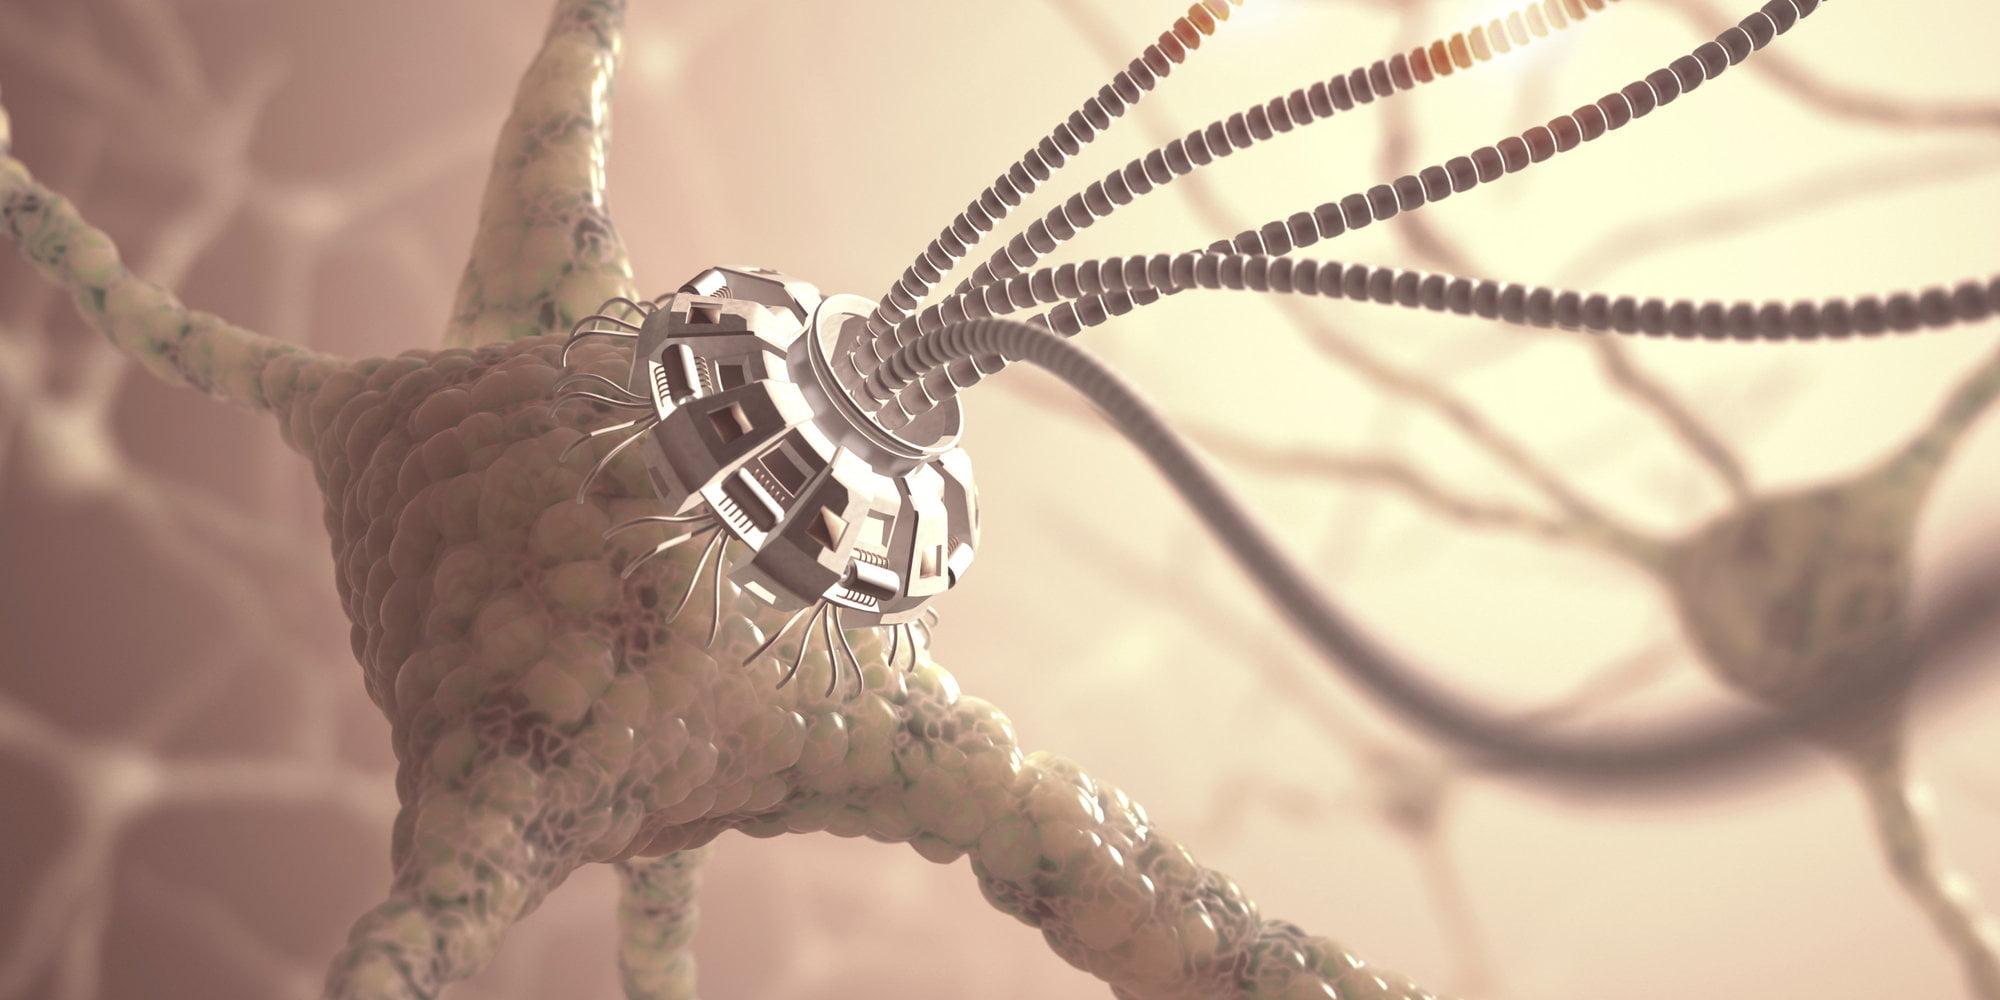 FUTUROS ARTIFICIALES: Para 2035 podrás implantarte Chips para ser más Inteligente